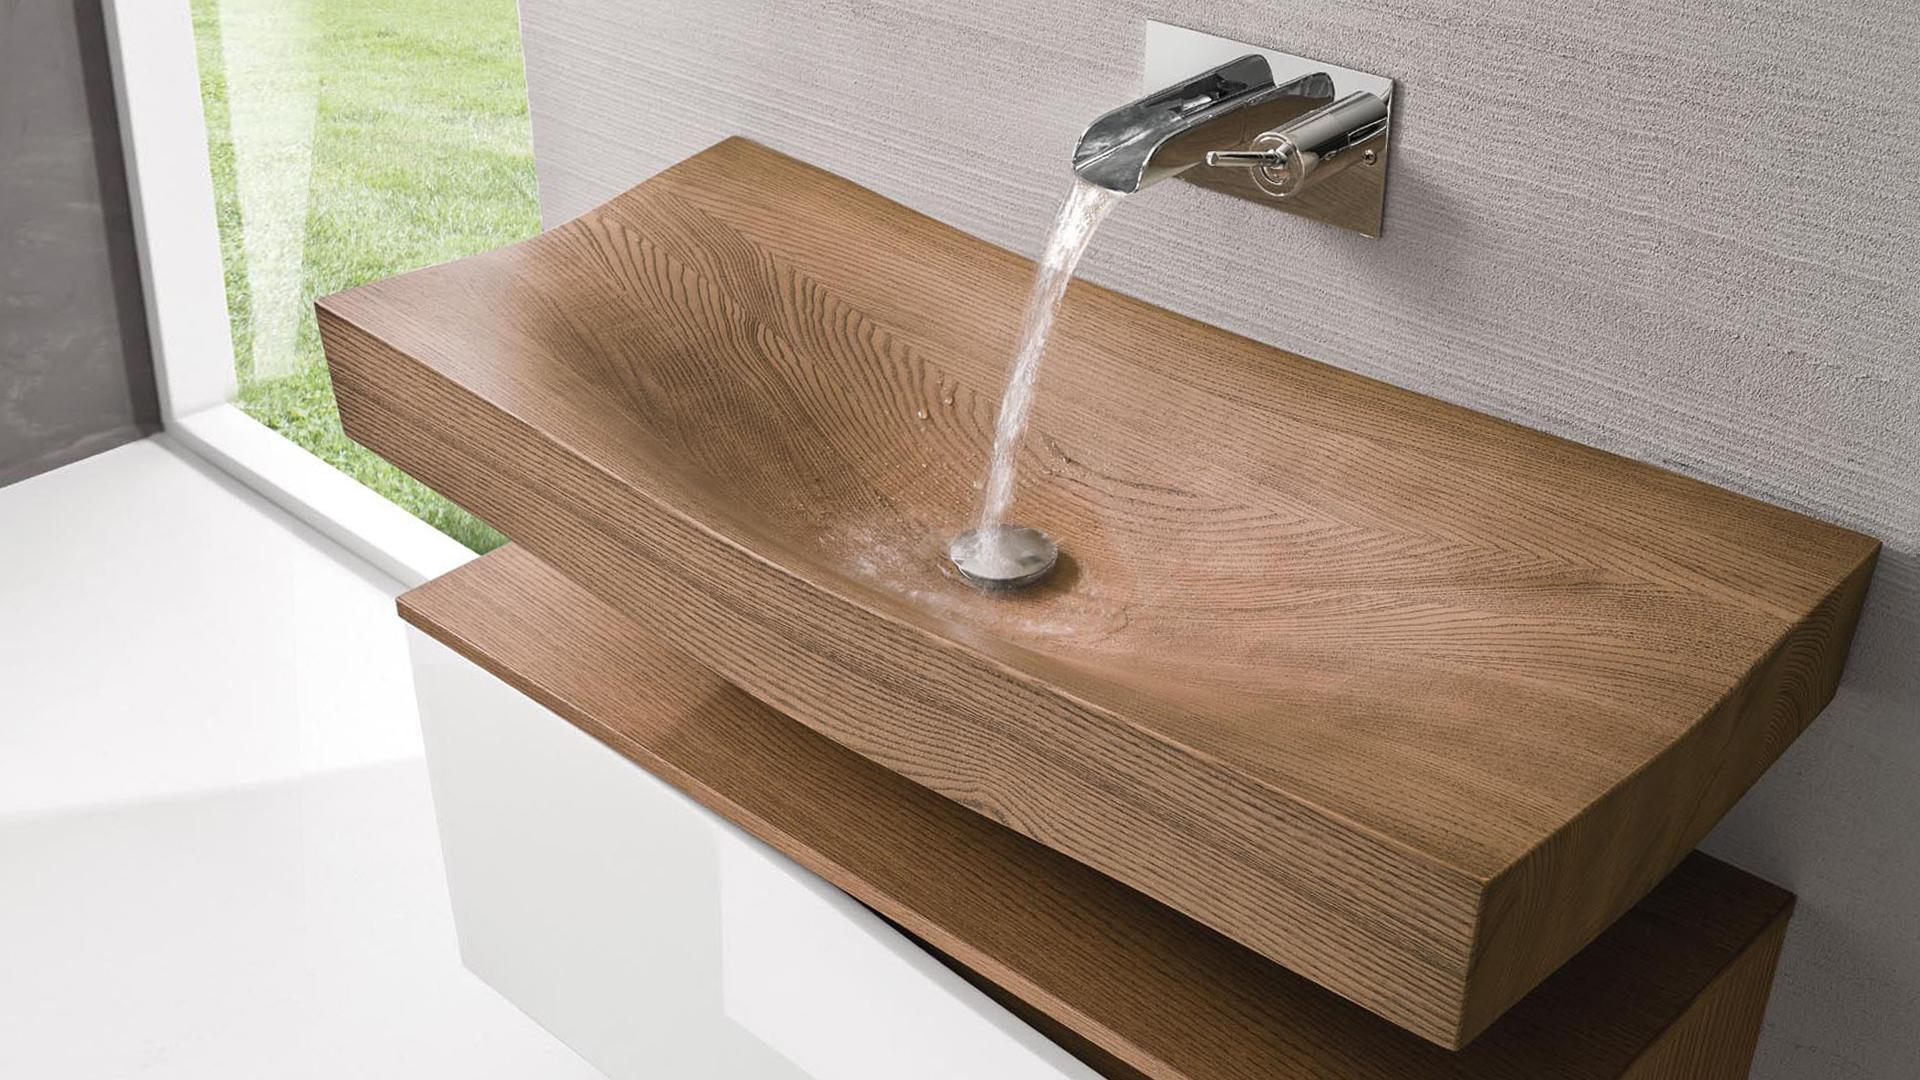 tao spoldi ideabagno lavabo legno simone casarotto design wood washbasin